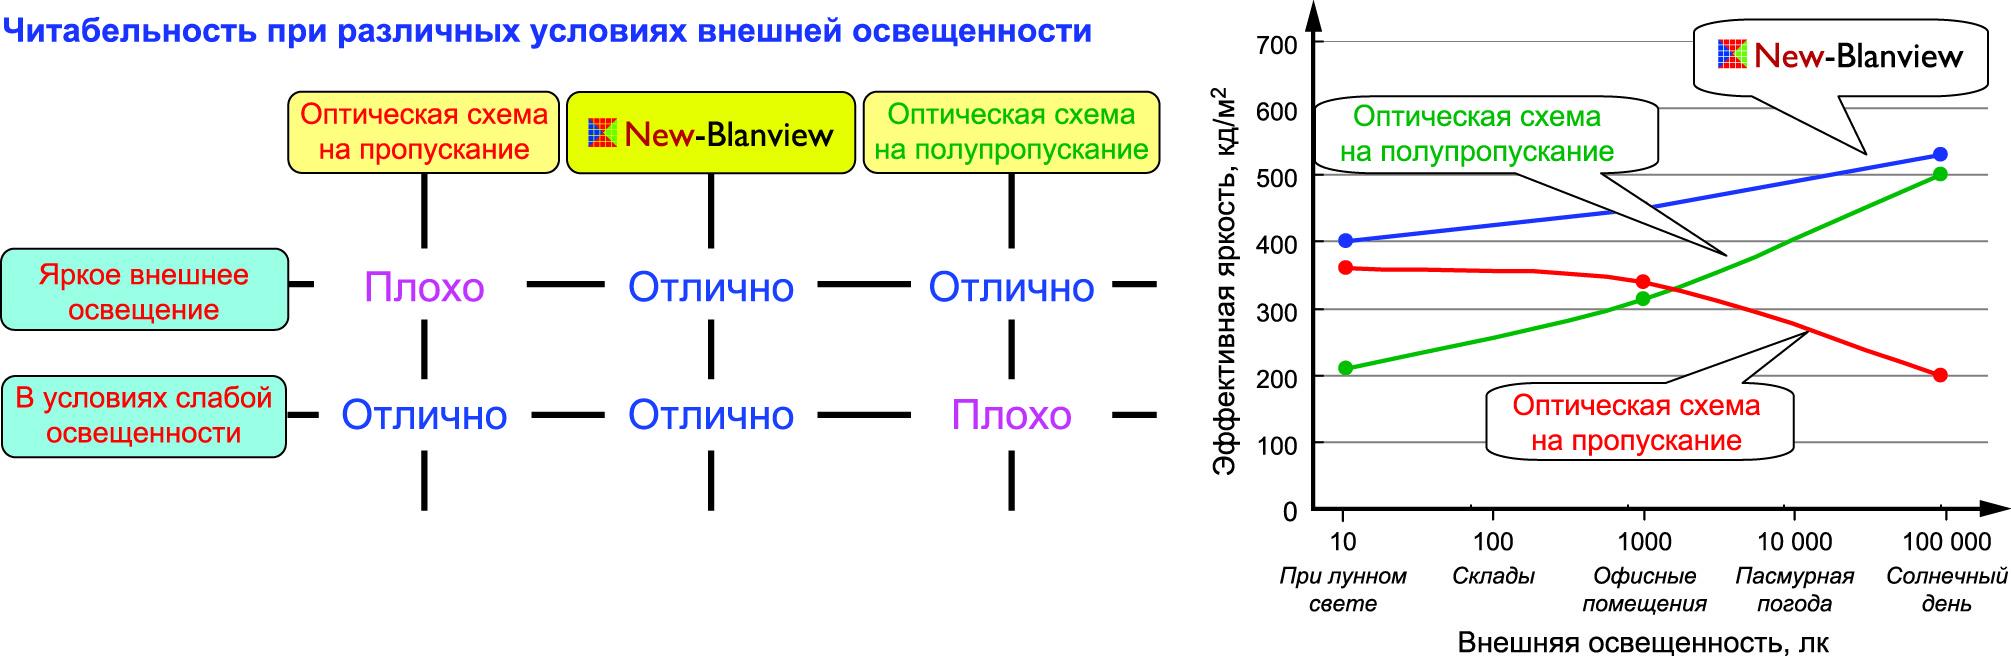 Сравнительная оценка уровня читаемости для различных оптических схем и условий внешней освещенности